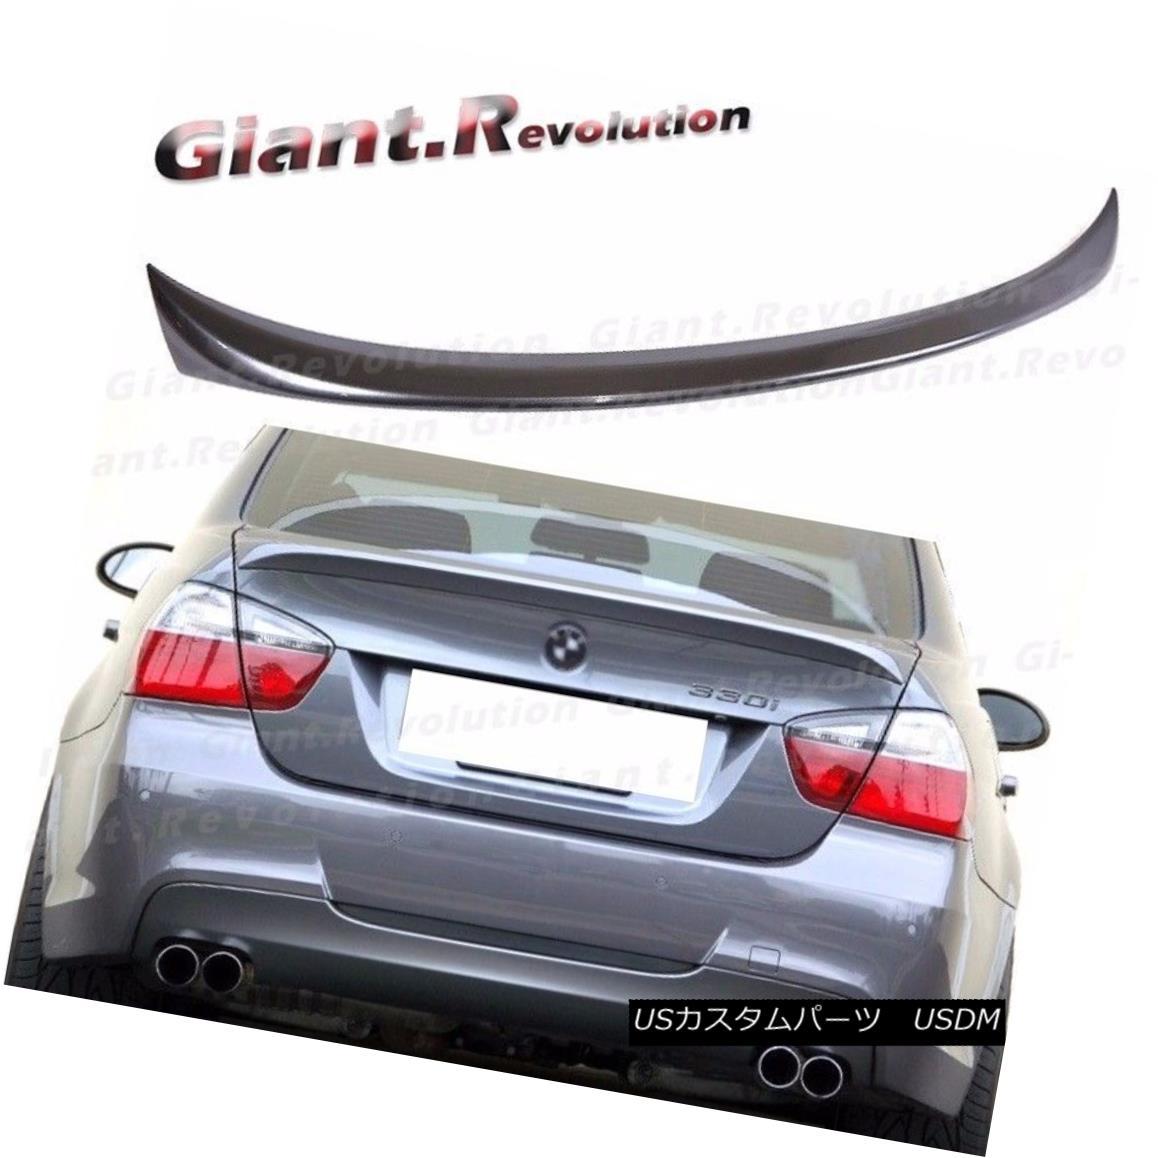 エアロパーツ Painted OE Type Trunk Spoiler For BMW E90 3 Series 323i 335i M3 Sedan Rear Tail BMW E90 3シリーズ323i 335i M3セダンリアタイヤ用塗装済みOEタイプトランク・スポイラー